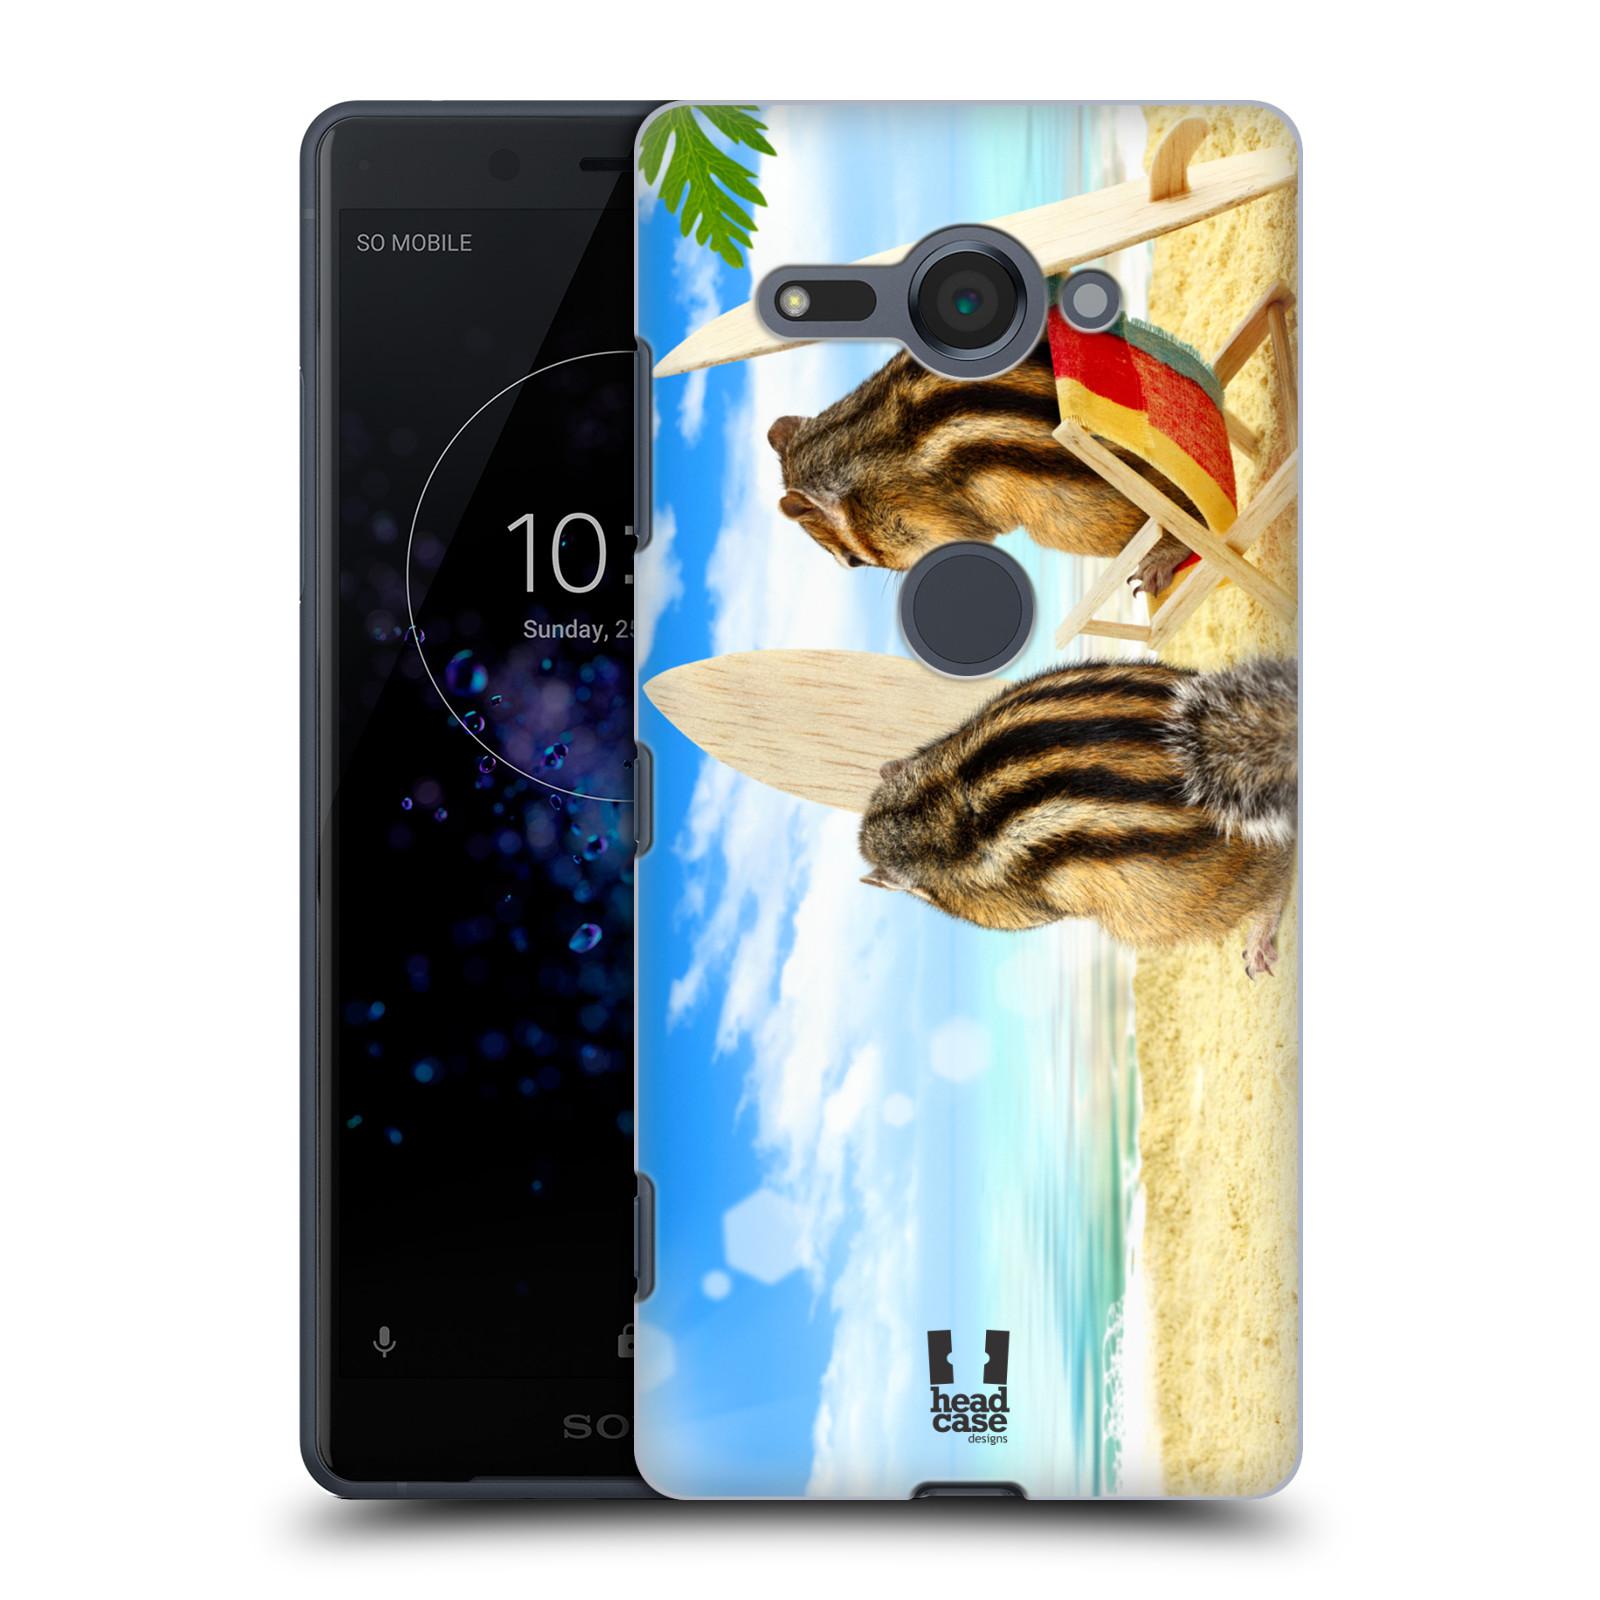 HEAD CASE plastový obal na mobil Sony Xperia XZ2 COMPACT vzor Legrační zvířátka veverky surfaři u moře